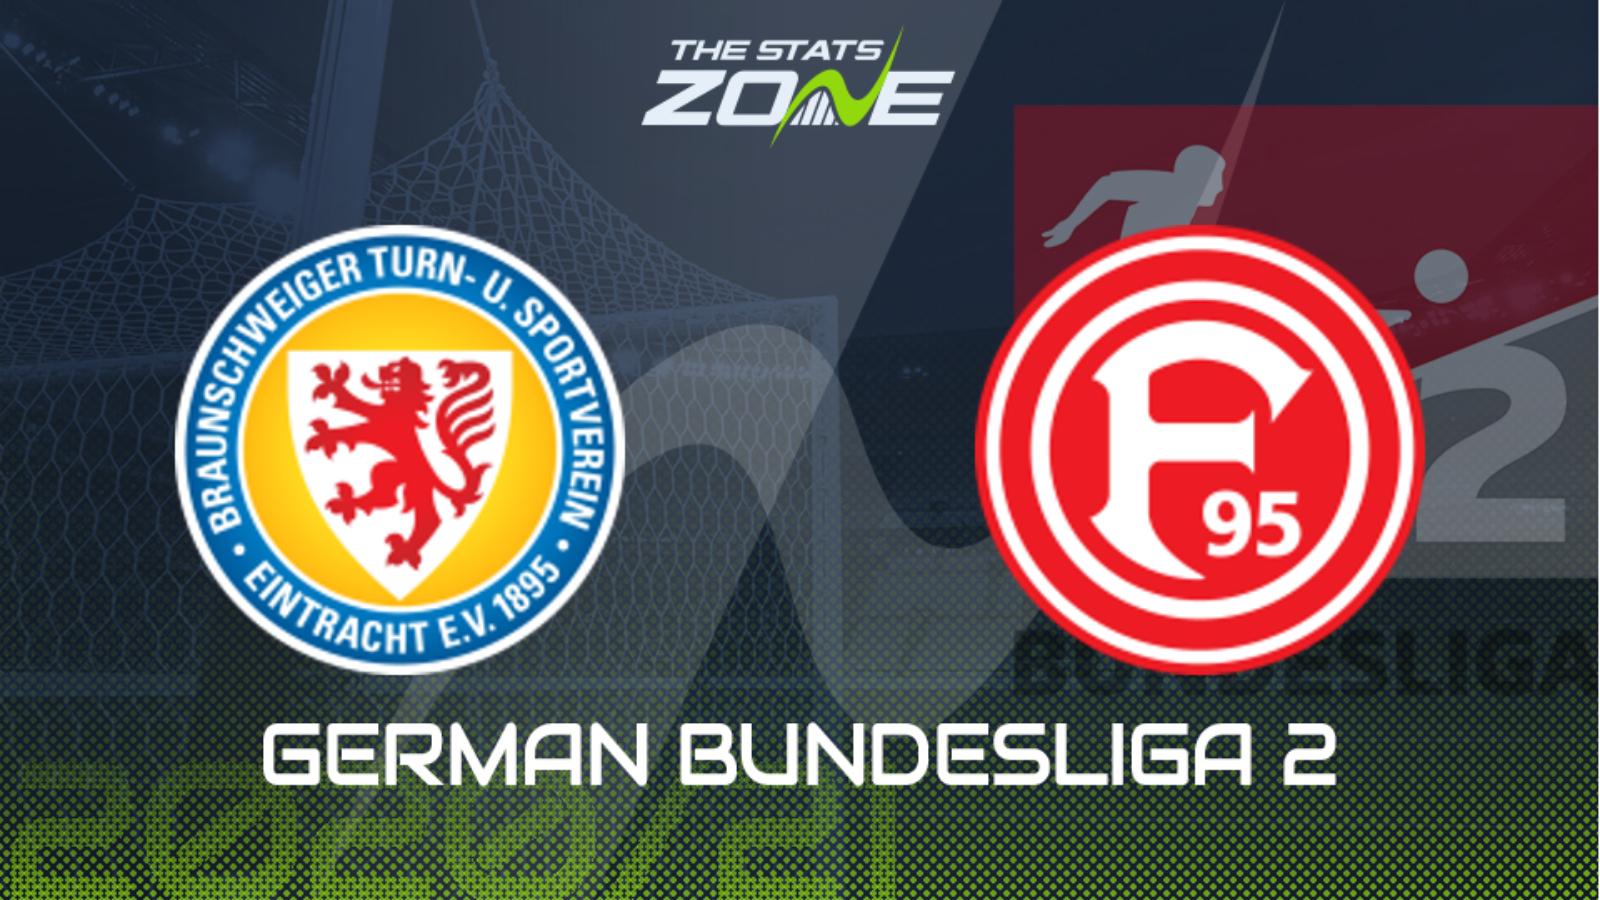 2020 21 German Bundesliga 2 Eintracht Braunschweig Vs Fortuna Dusseldorf Preview Prediction The Stats Zone